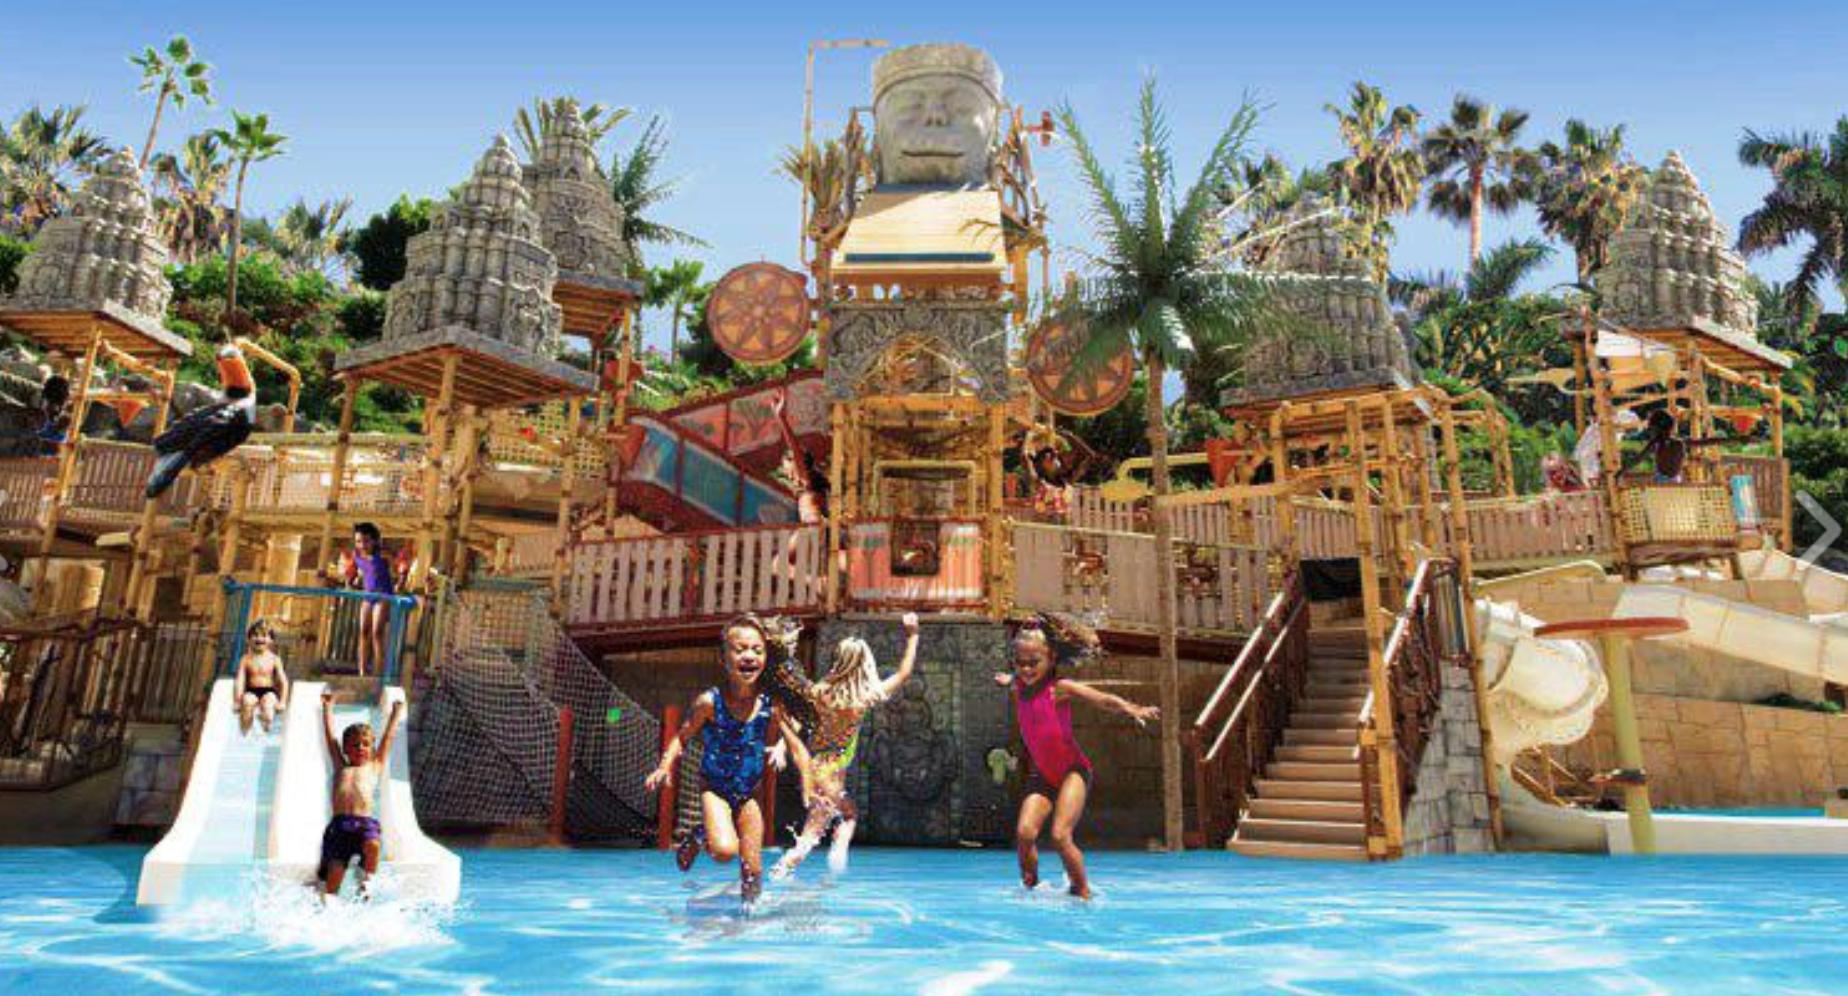 «Сиам Парк» в Адехе – аквапарк номер 1 этого лета по рейтингу TripAdisor